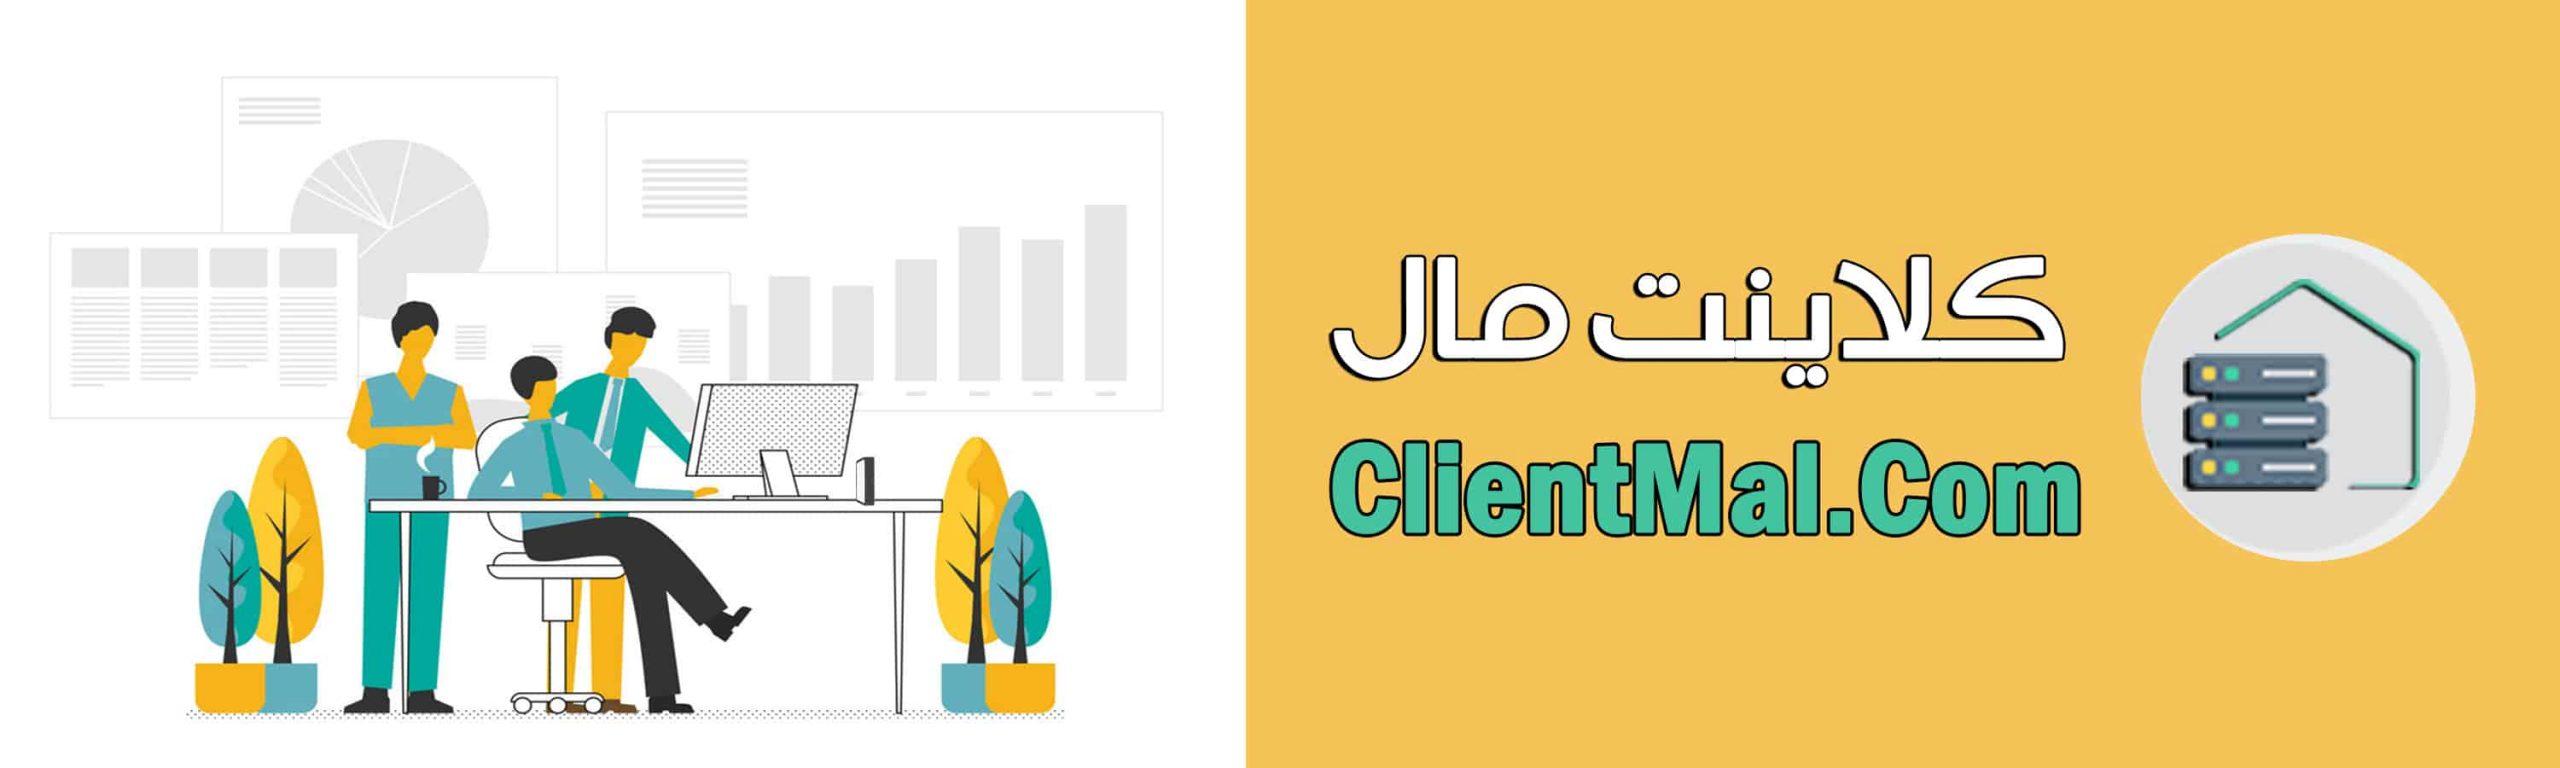 کلاینت مال مرجع تخصصی عرضه تینکلاینت و زیروکلاینت و سرور